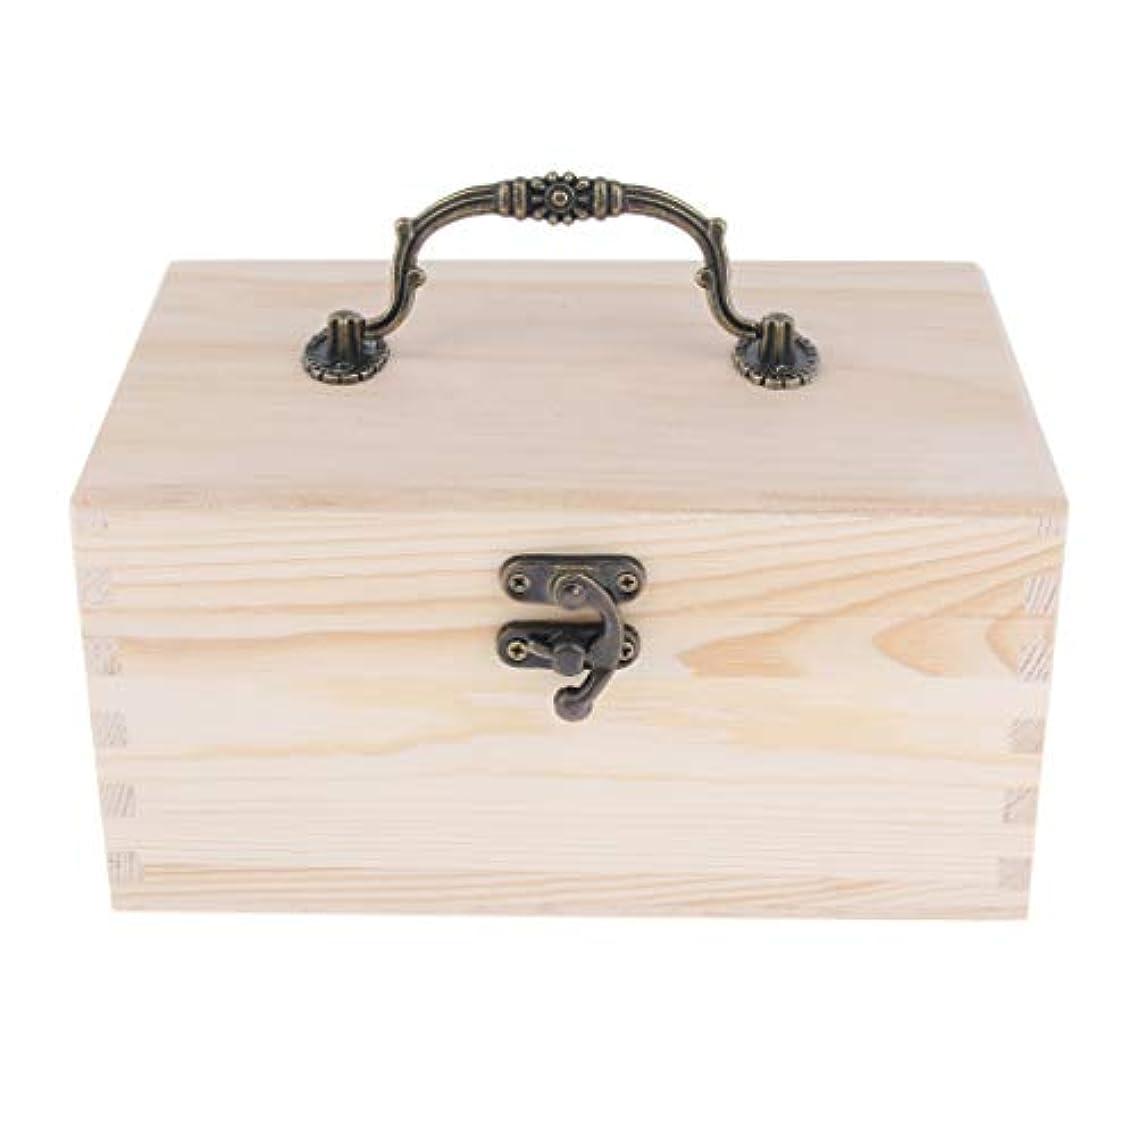 ペルーフルーツカトリック教徒エッセンシャルオイルケース ディスプレイホルダー 15仕切り キャリーケース 収納ボックス